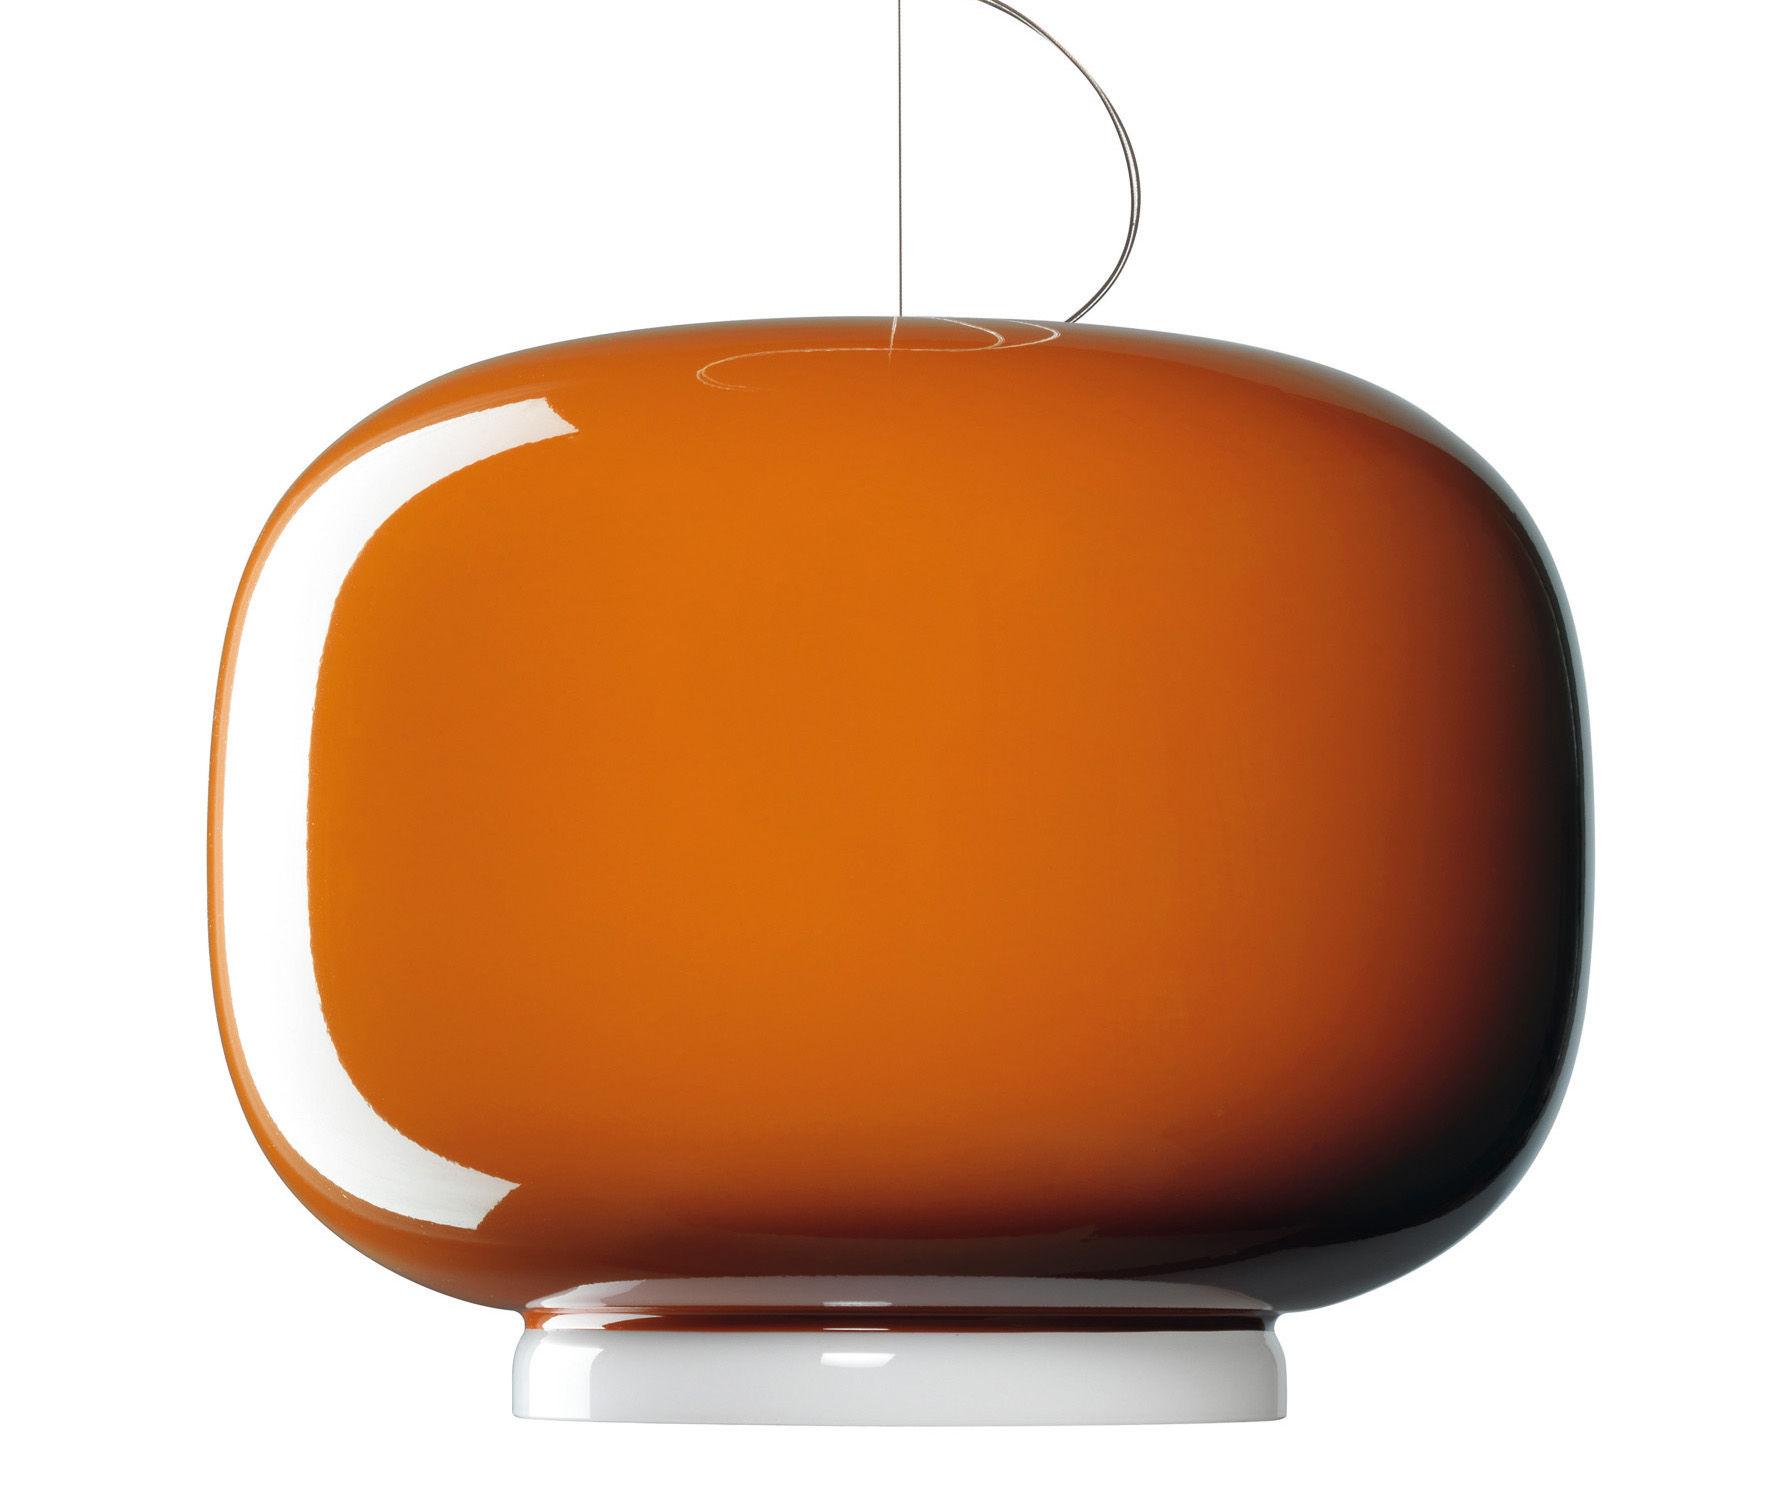 Leuchten - Pendelleuchten - Chouchin Pendelleuchte Modell Nr. 1 - Foscarini - Orange - geblasenes Glas